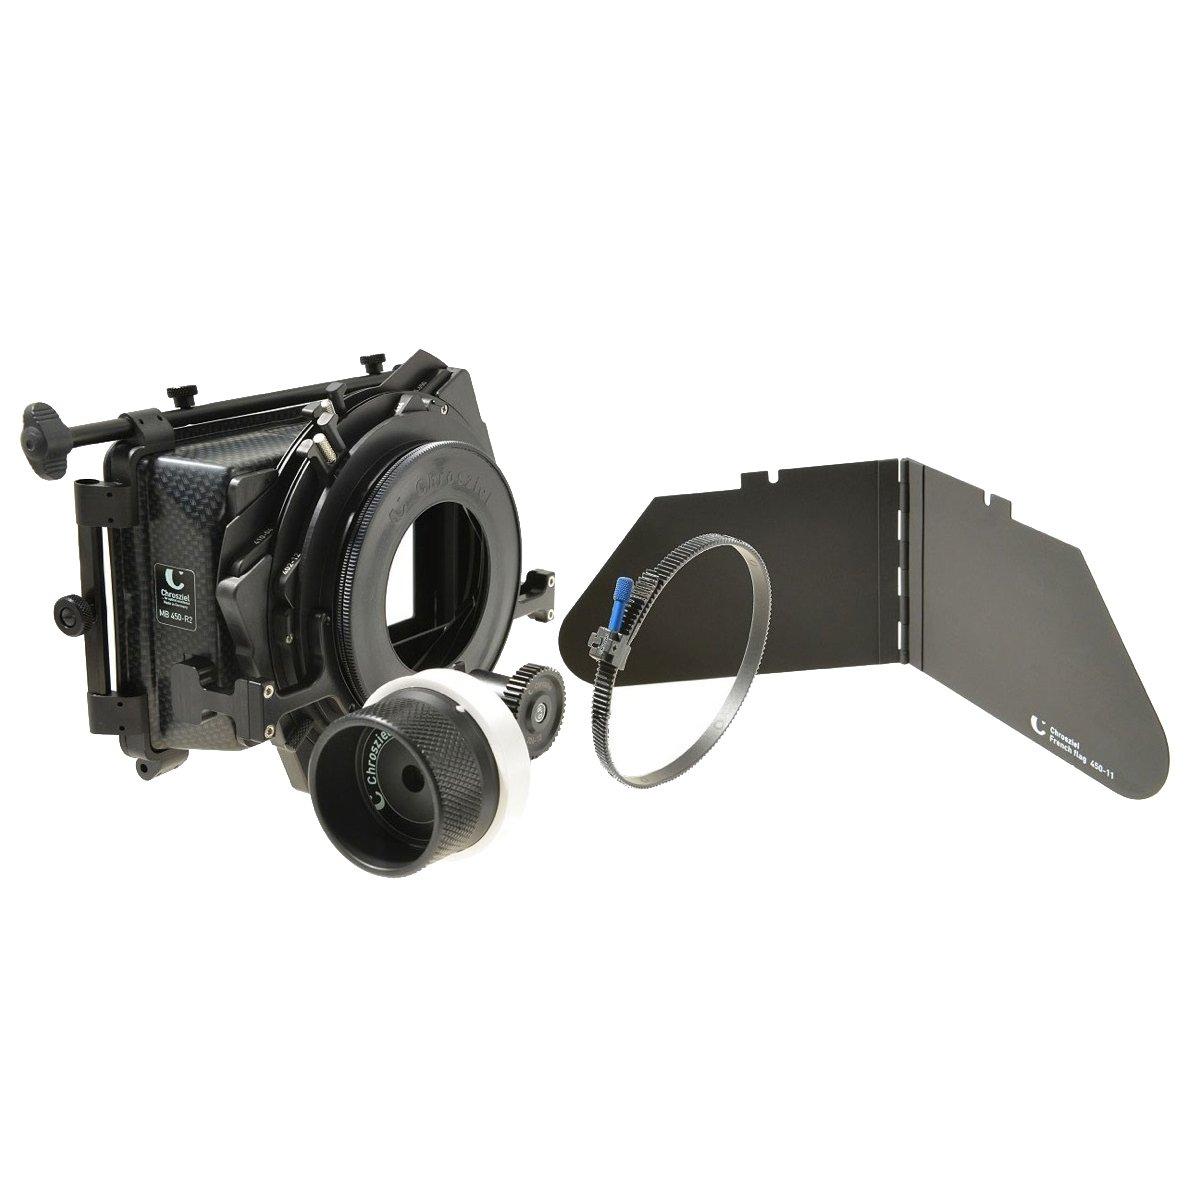 【国内正規品】Chrosziel クロジール 450-R20 Mattebox Kit with DV-StudioRig for URSA Mini 450R2-URSAFFKIT   B0758C2B9M